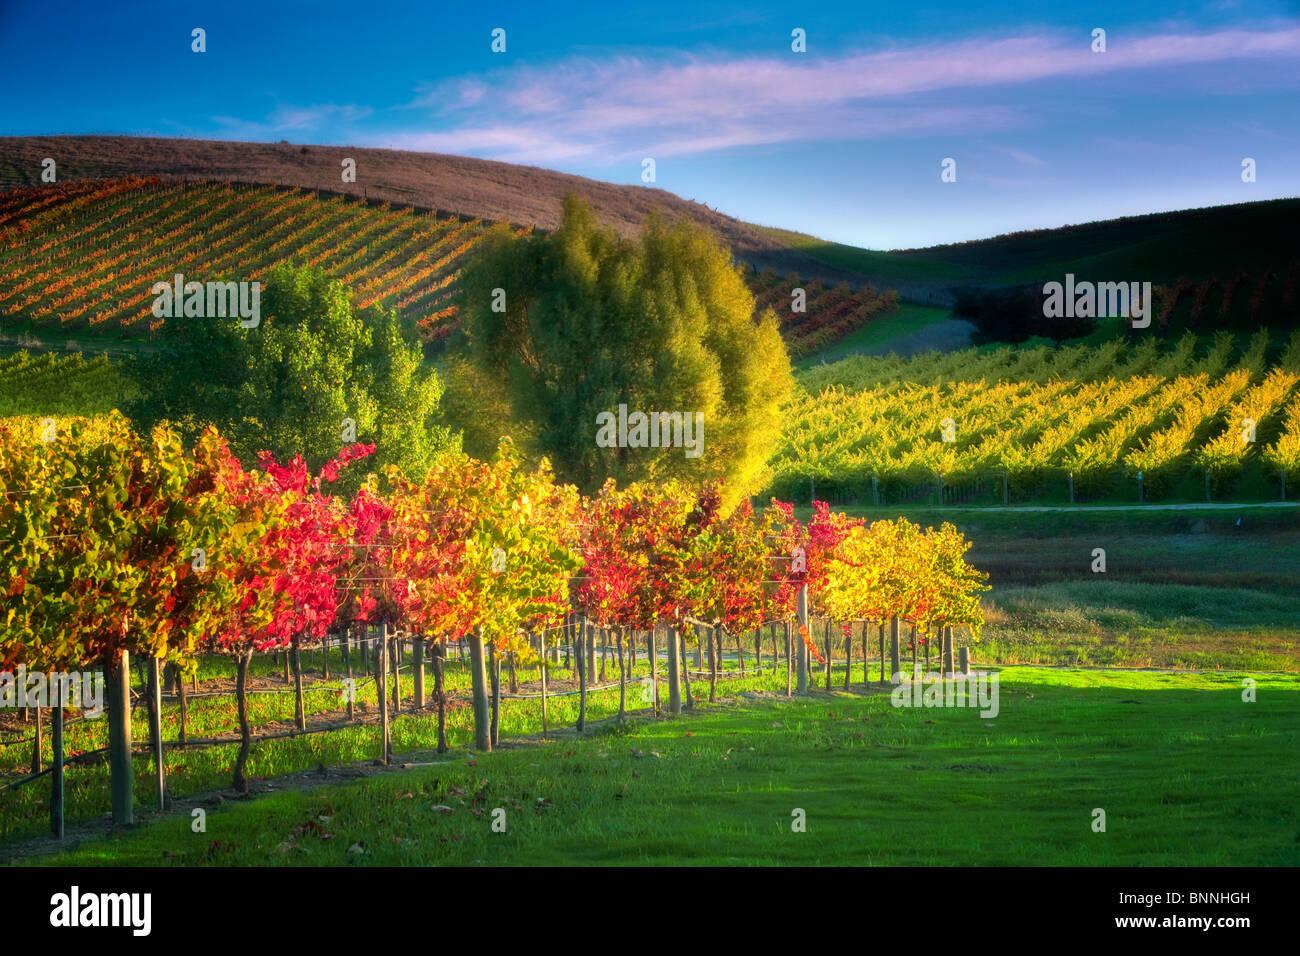 Reihen von Herbst farbige Trauben. Weinberge des Napa Valley, Kalifornien Stockbild